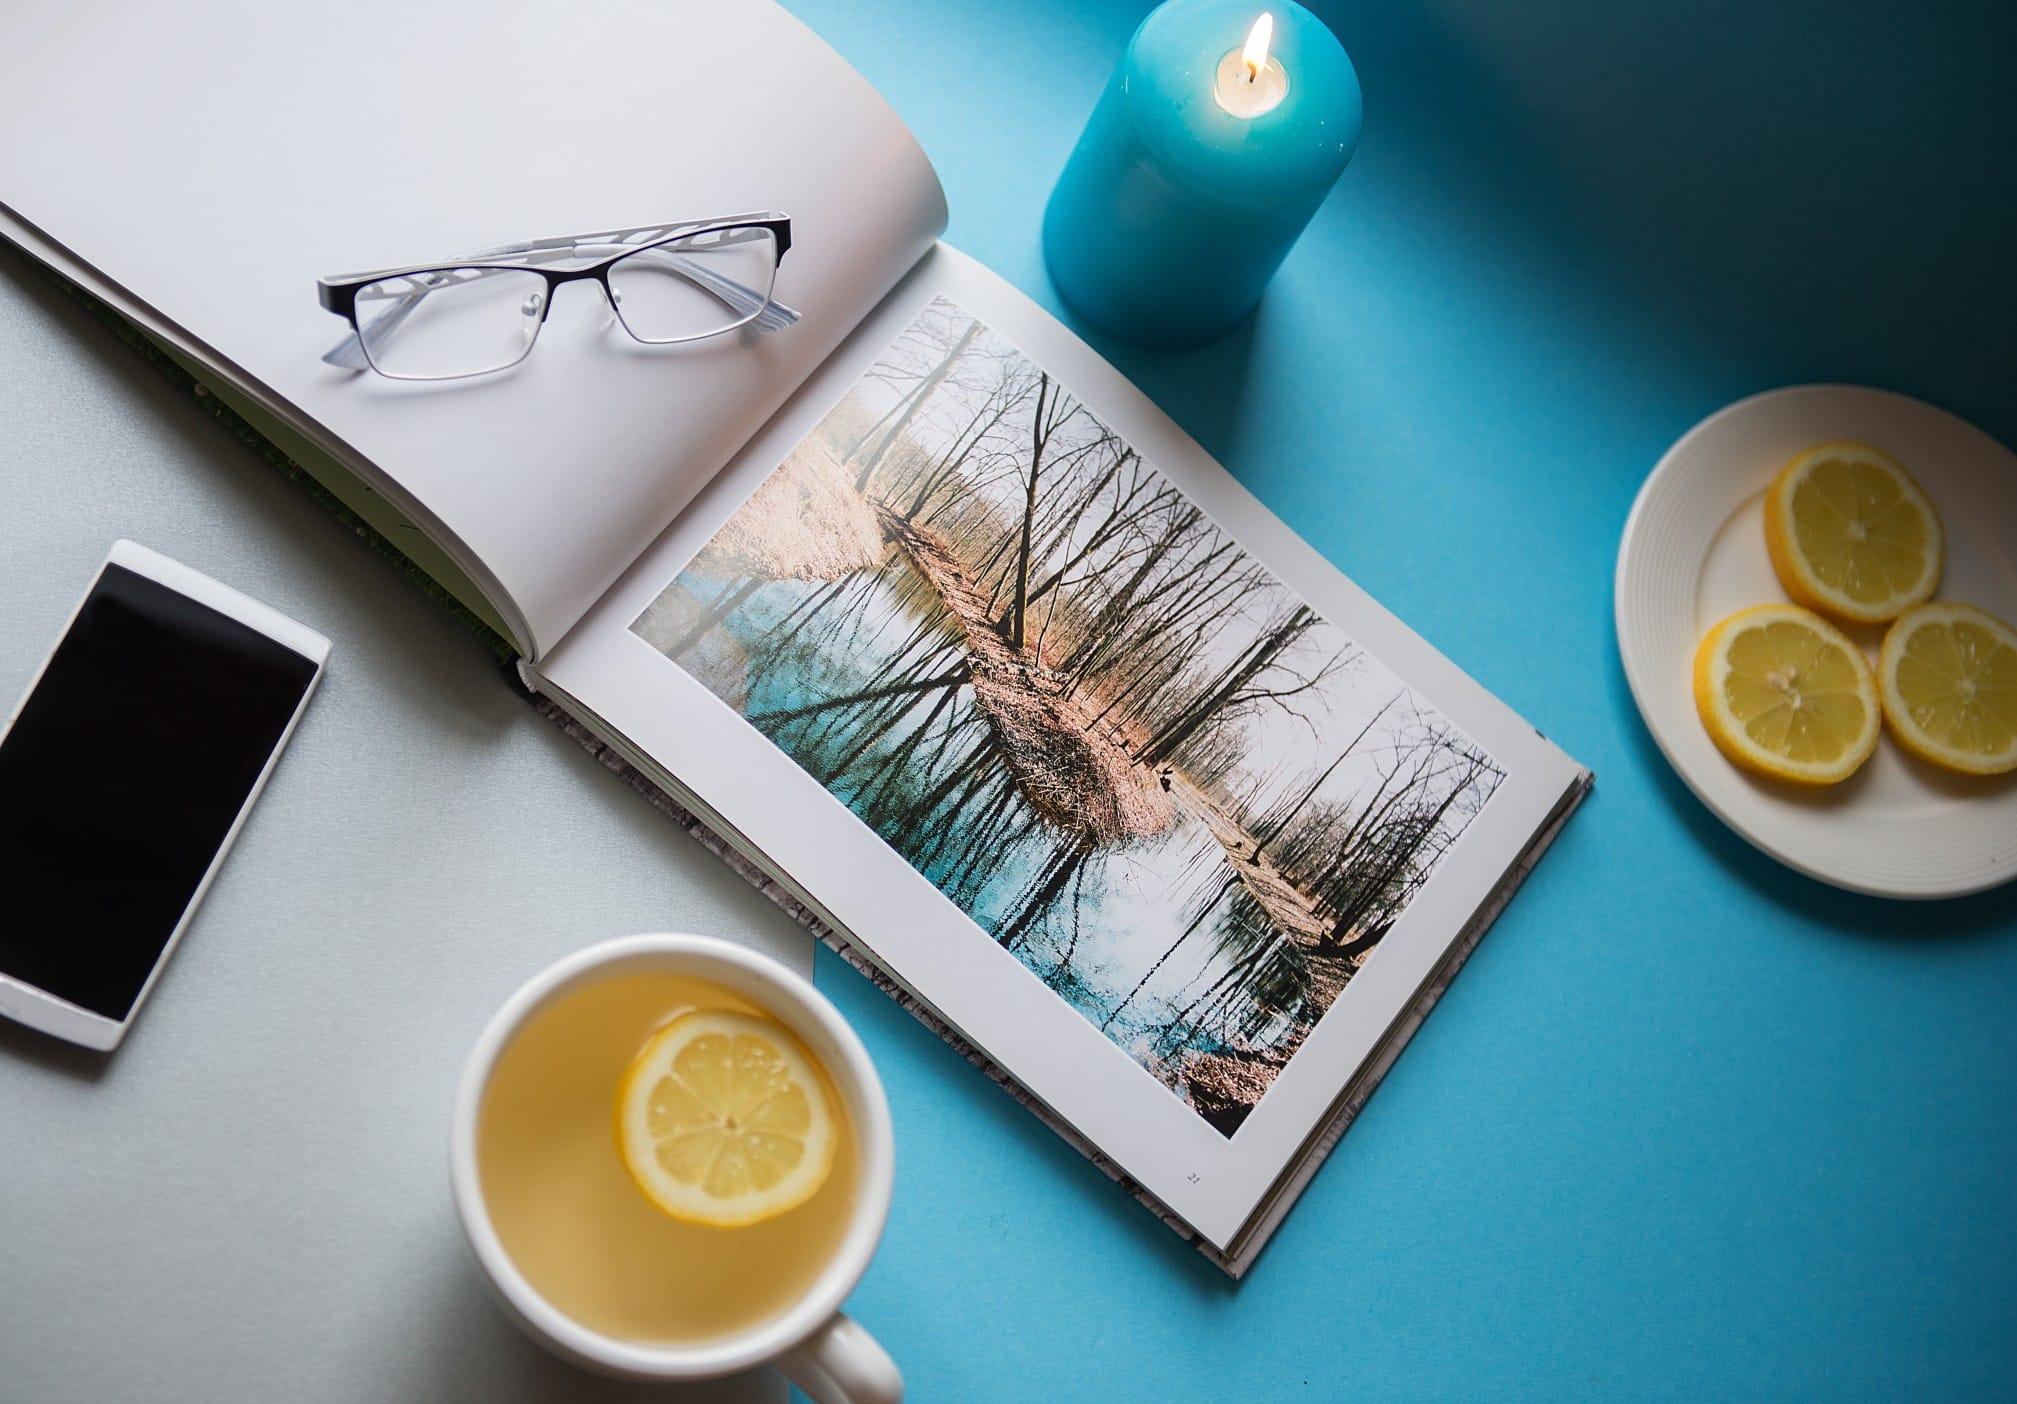 Ein Fotobuch als Geschenk weckt wundervolle Erinnerungen. Foto zelmabrezinska via Twenty20